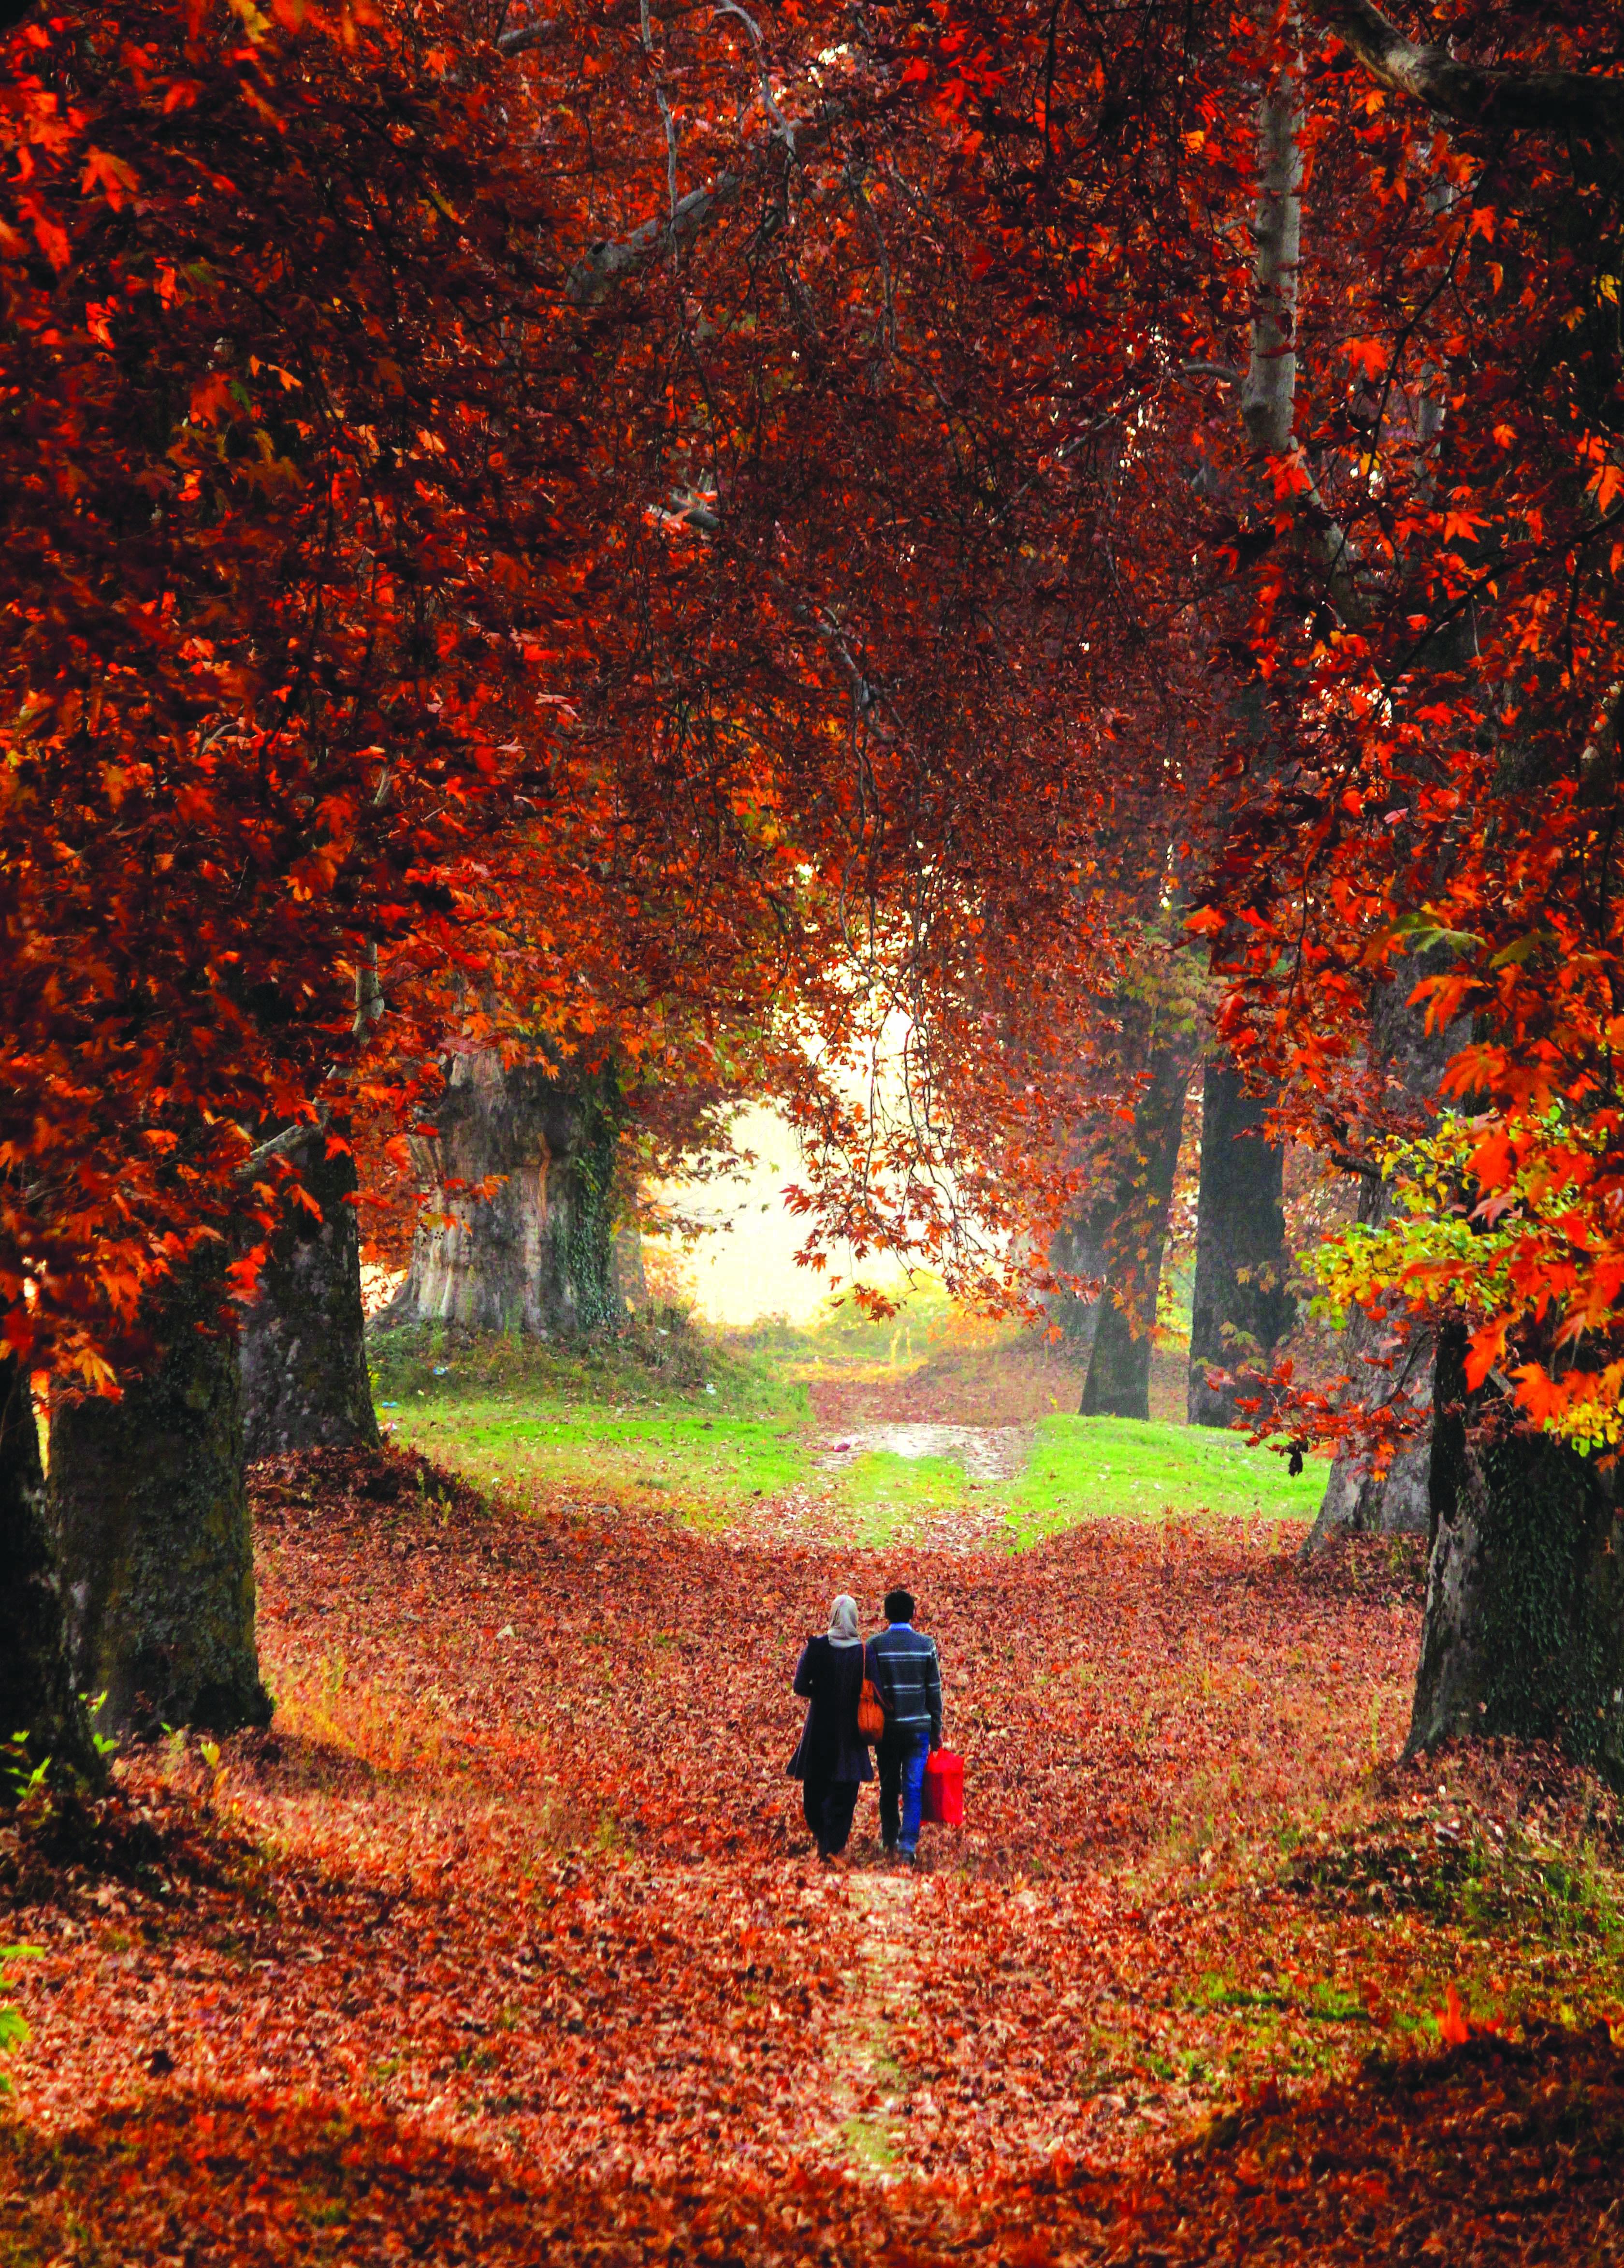 autumn in kashmir essay